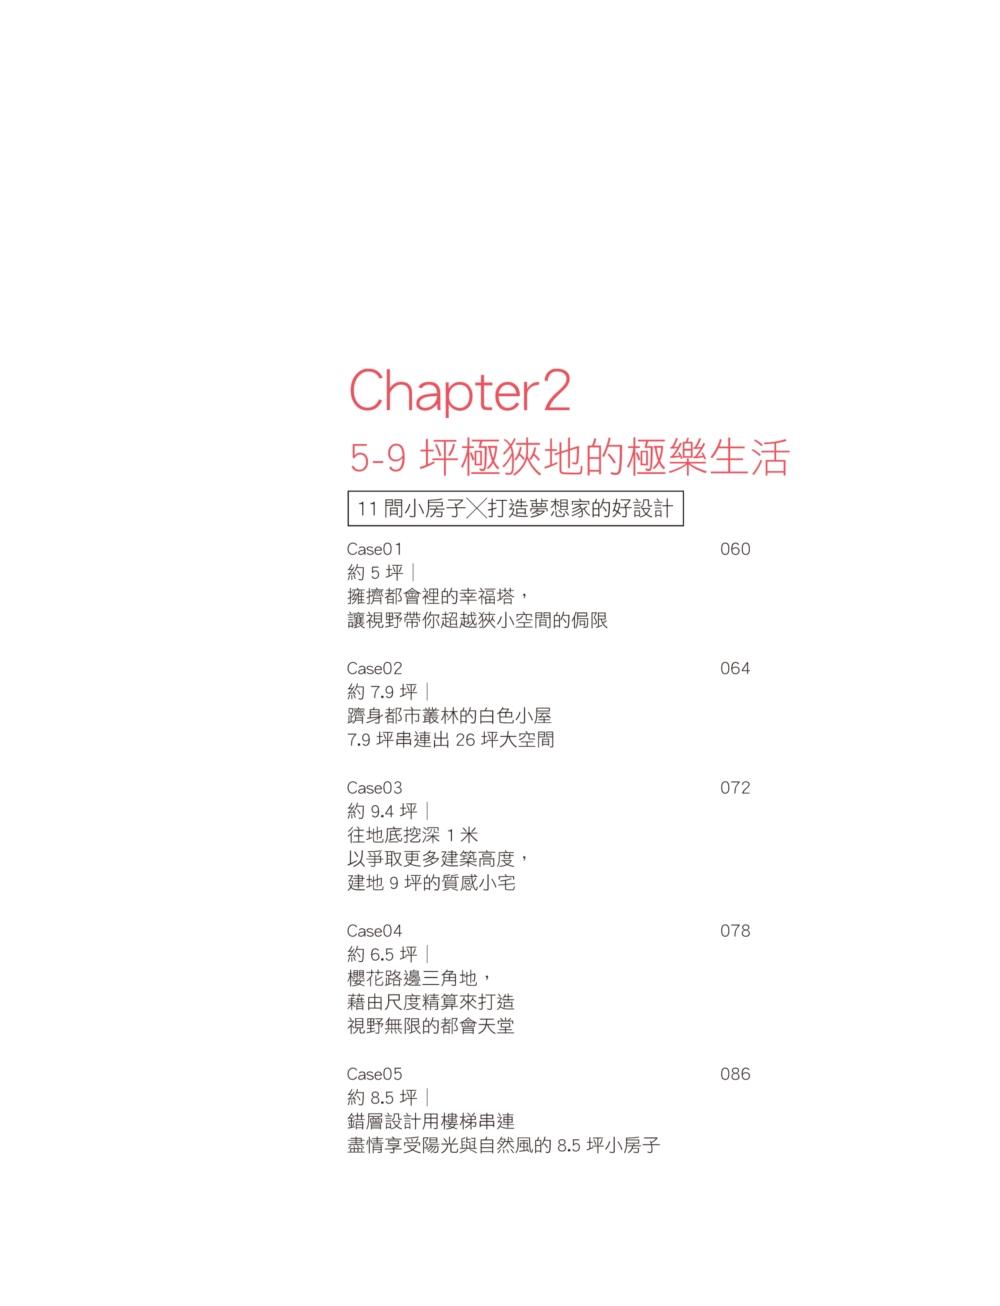 http://im1.book.com.tw/image/getImage?i=http://www.books.com.tw/img/001/069/86/0010698618_bi_02.jpg&v=5666cd90&w=655&h=609